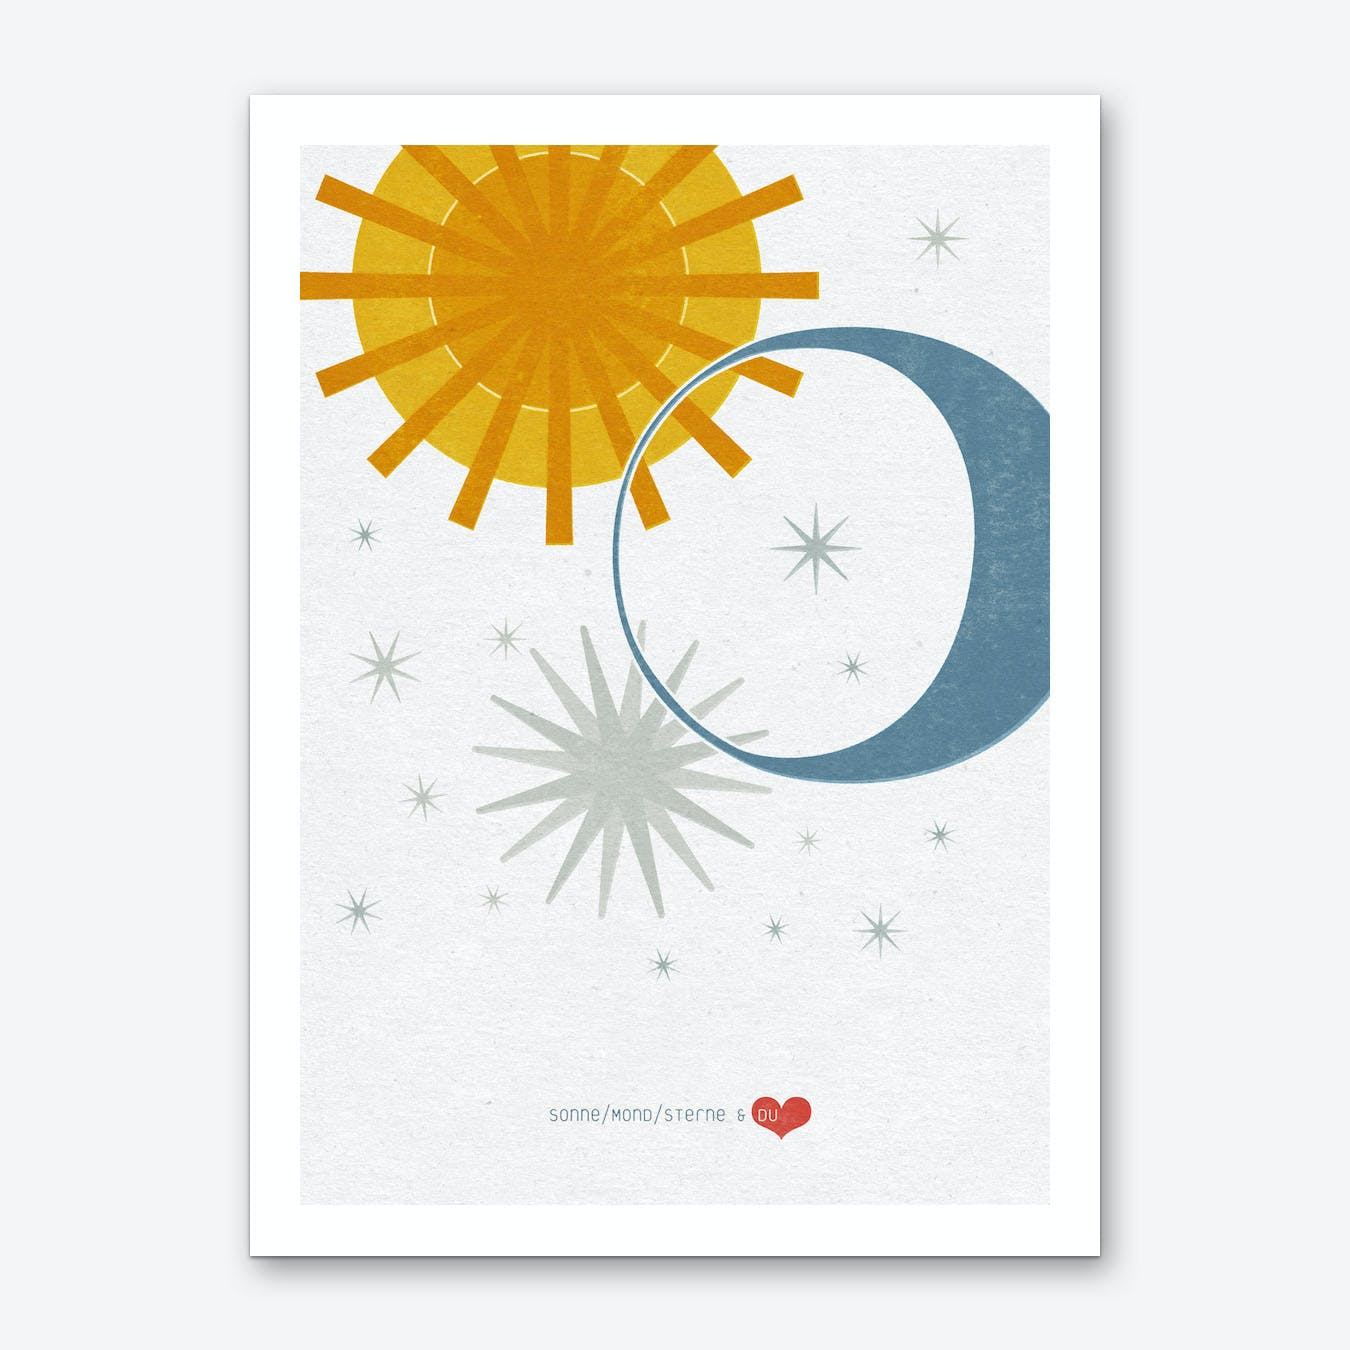 Sonne Mond Sterne & Du 01 Art Print